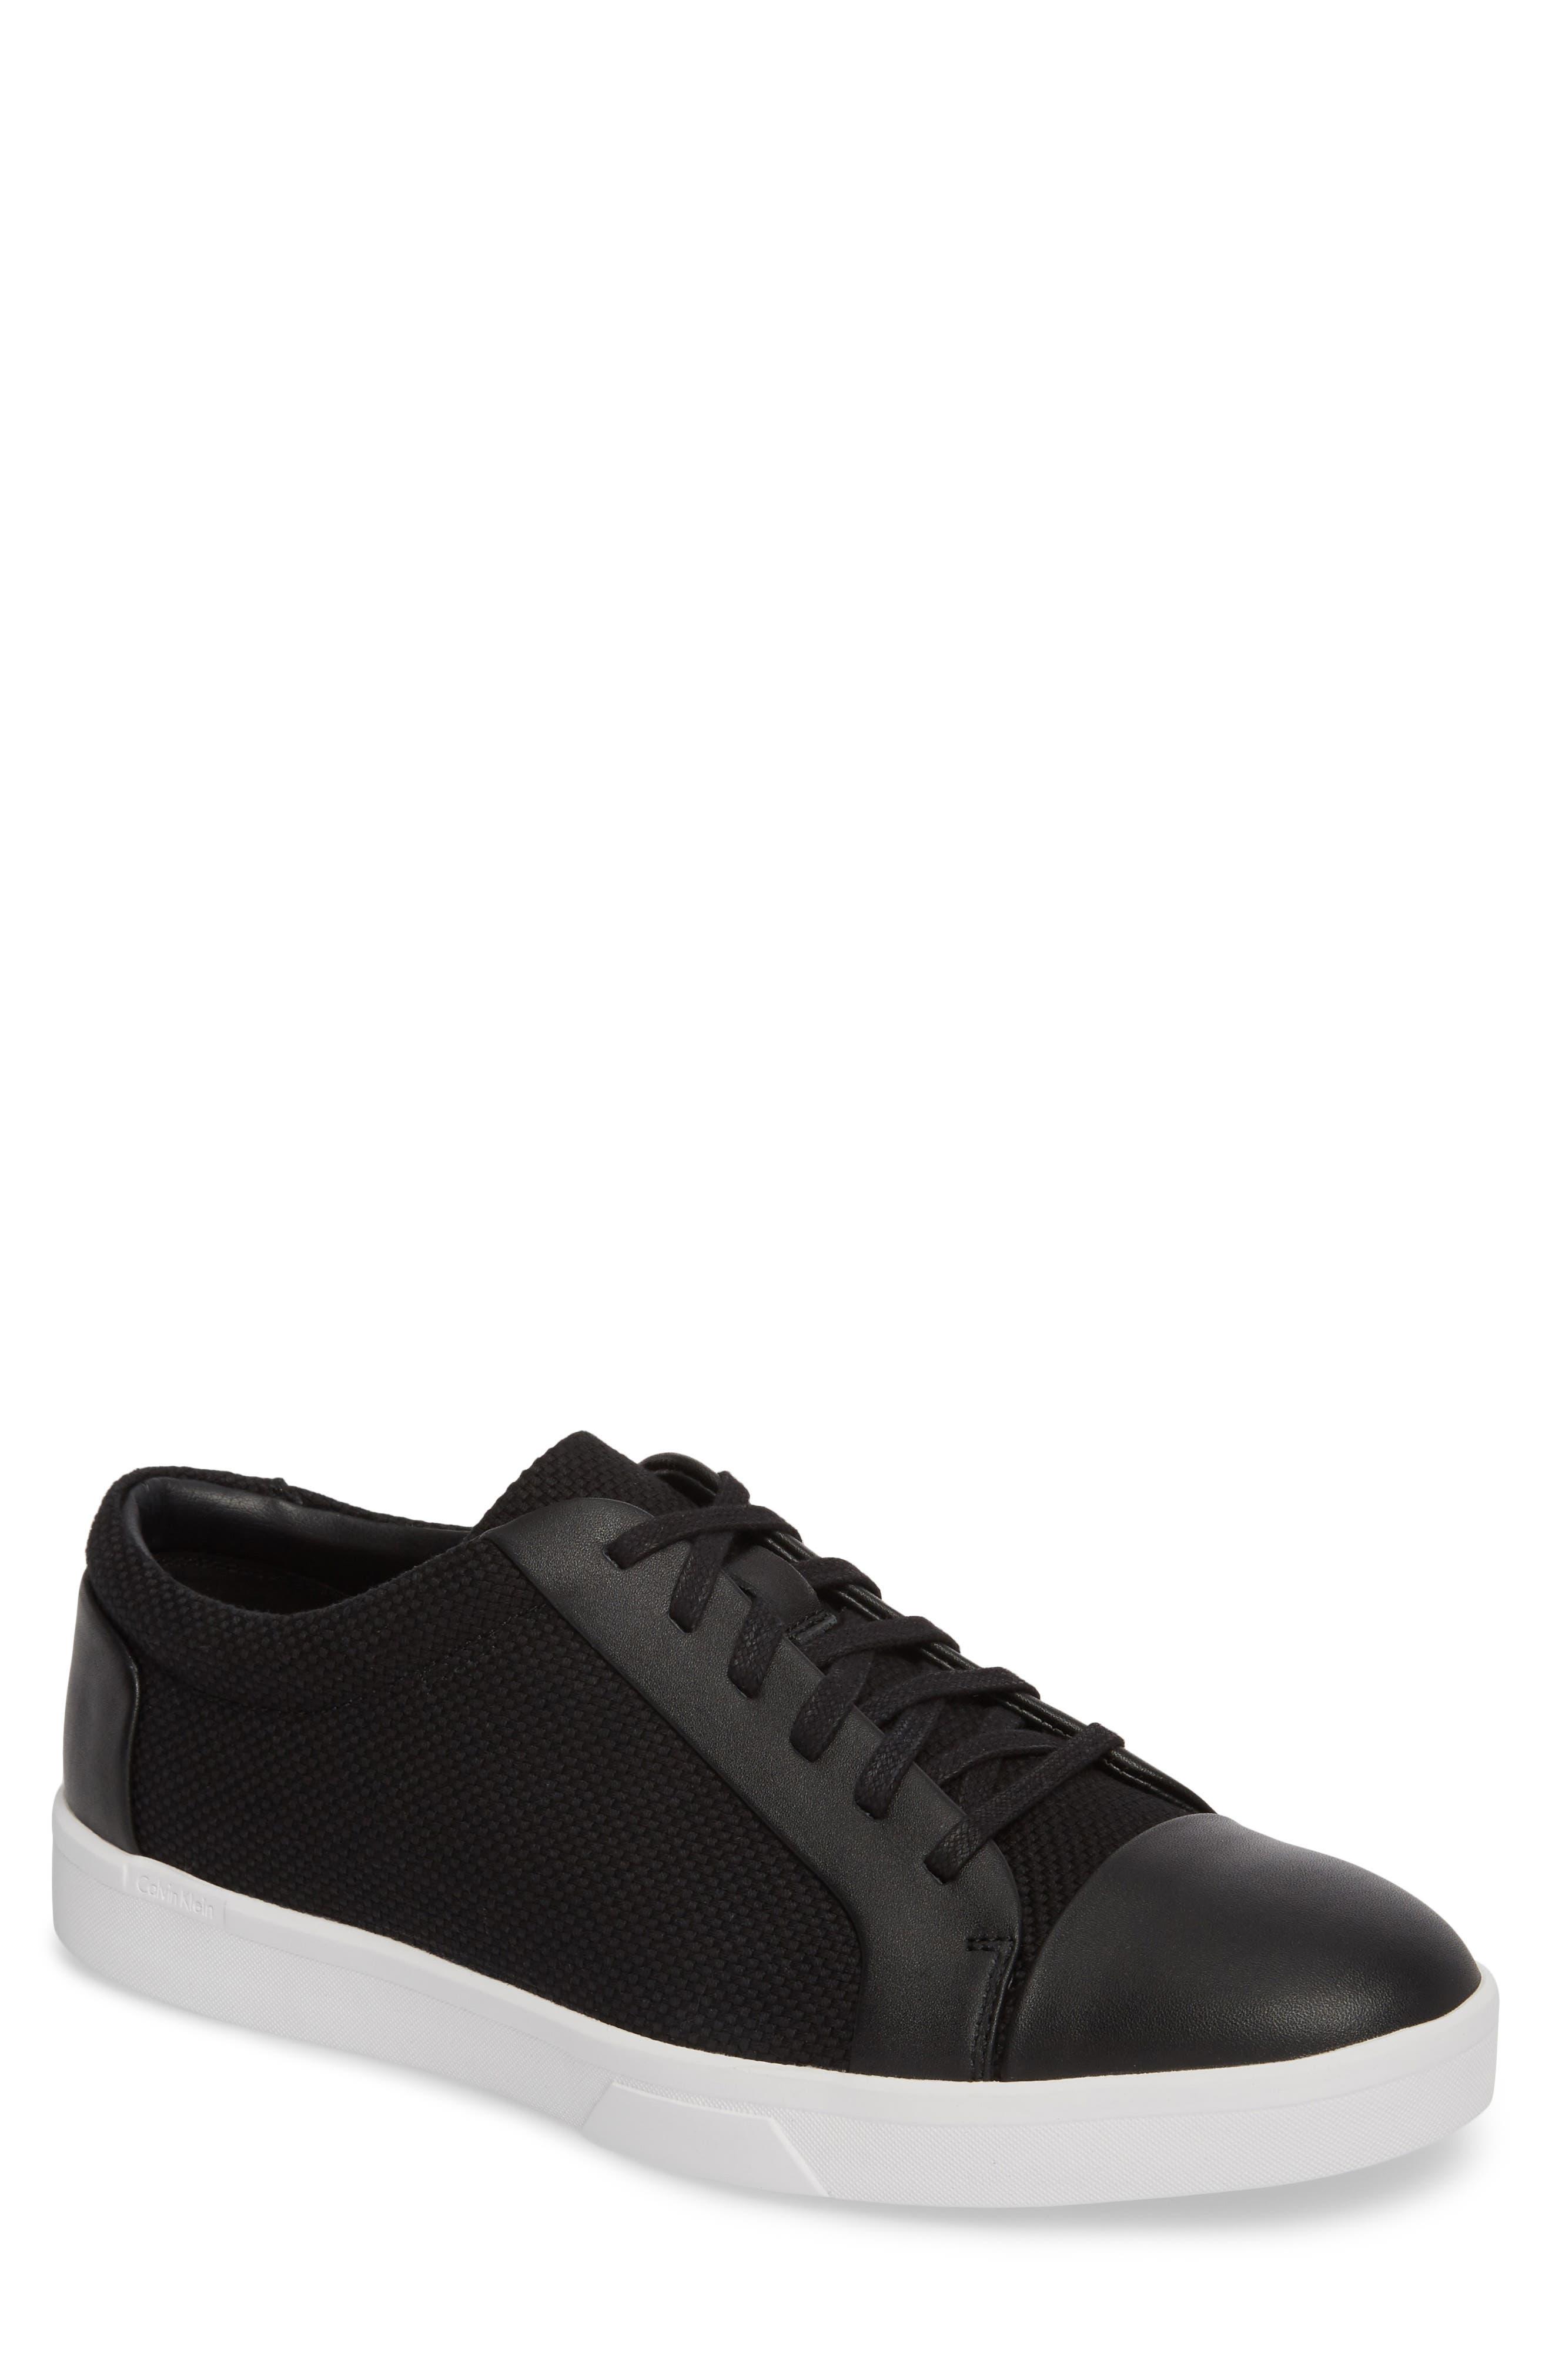 'Igor' Sneaker,                             Main thumbnail 1, color,                             005